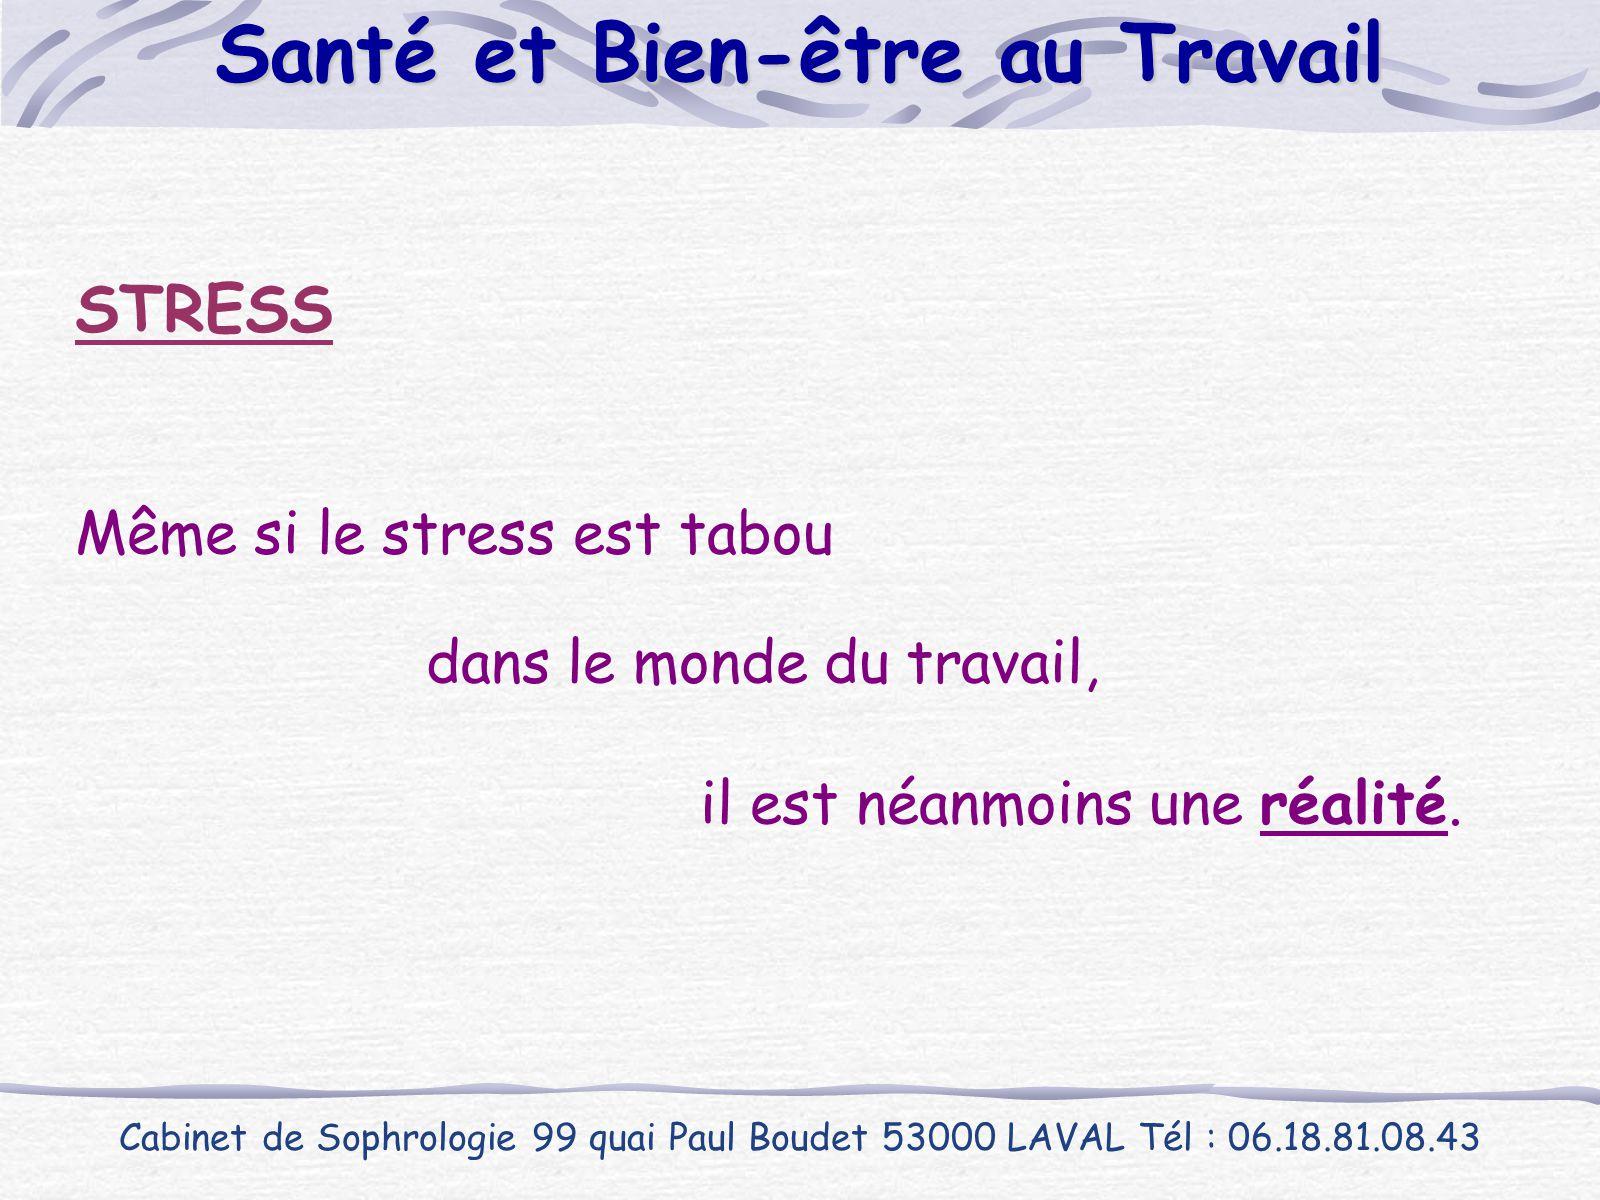 STRESS Même si le stress est tabou dans le monde du travail, il est néanmoins une réalité. Cabinet de Sophrologie 99 quai Paul Boudet 53000 LAVAL Tél